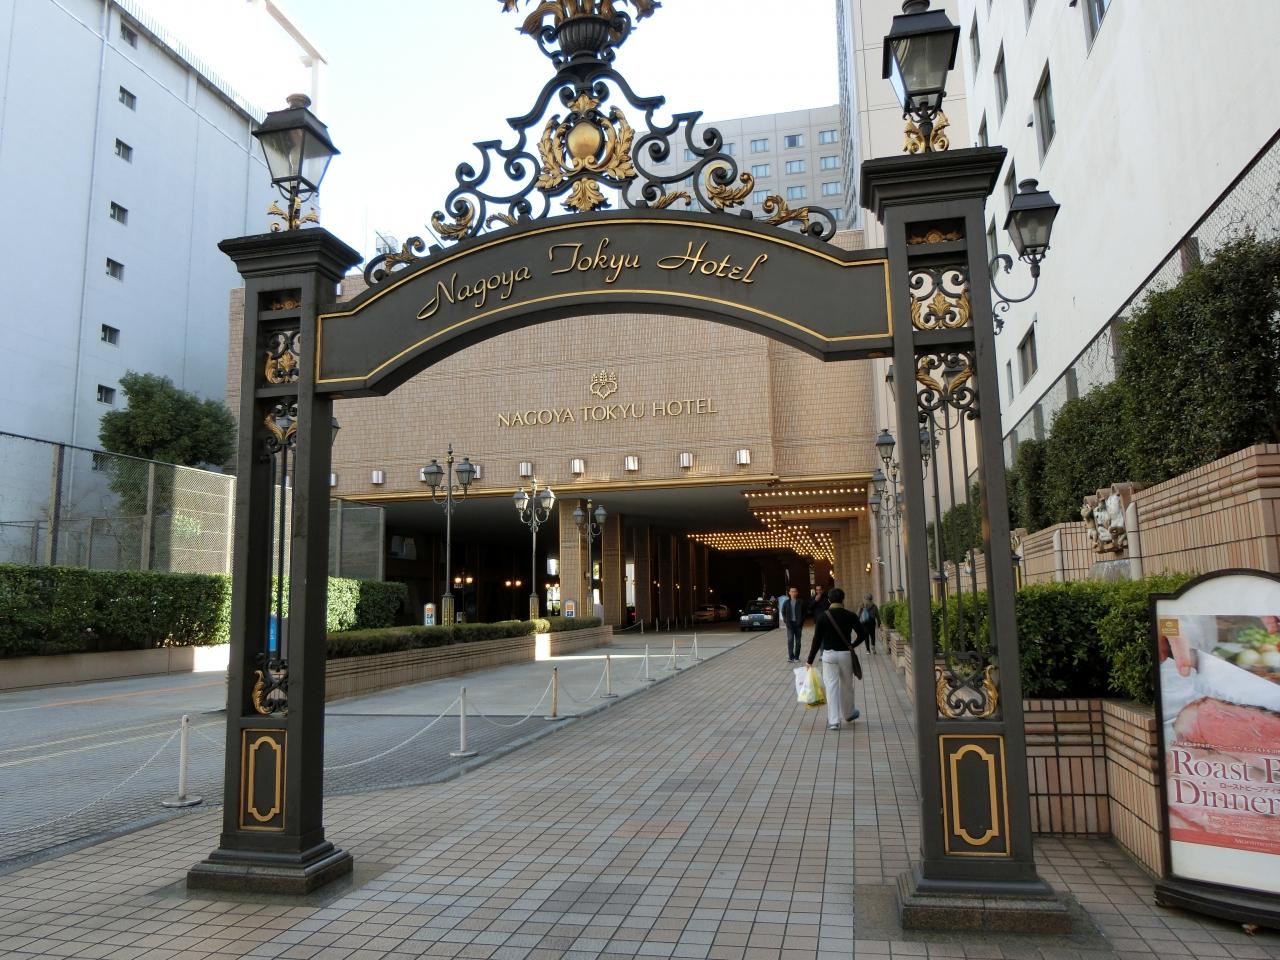 『名古屋東急ホテルに泊まるという旅』名古屋(愛知県)の旅行記 ...